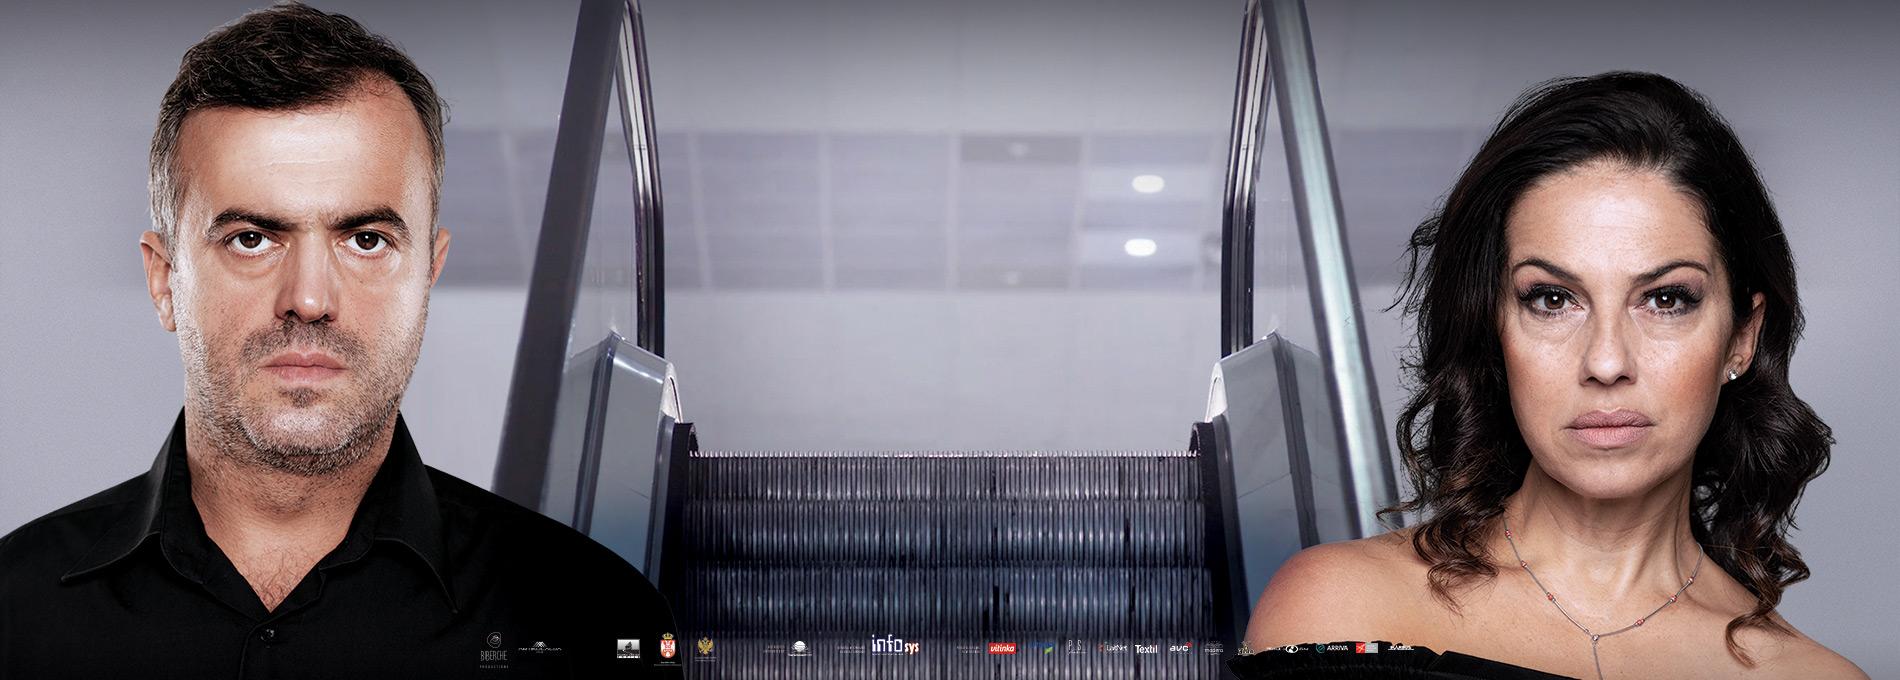 Ajvar-homepage-slider-Arena